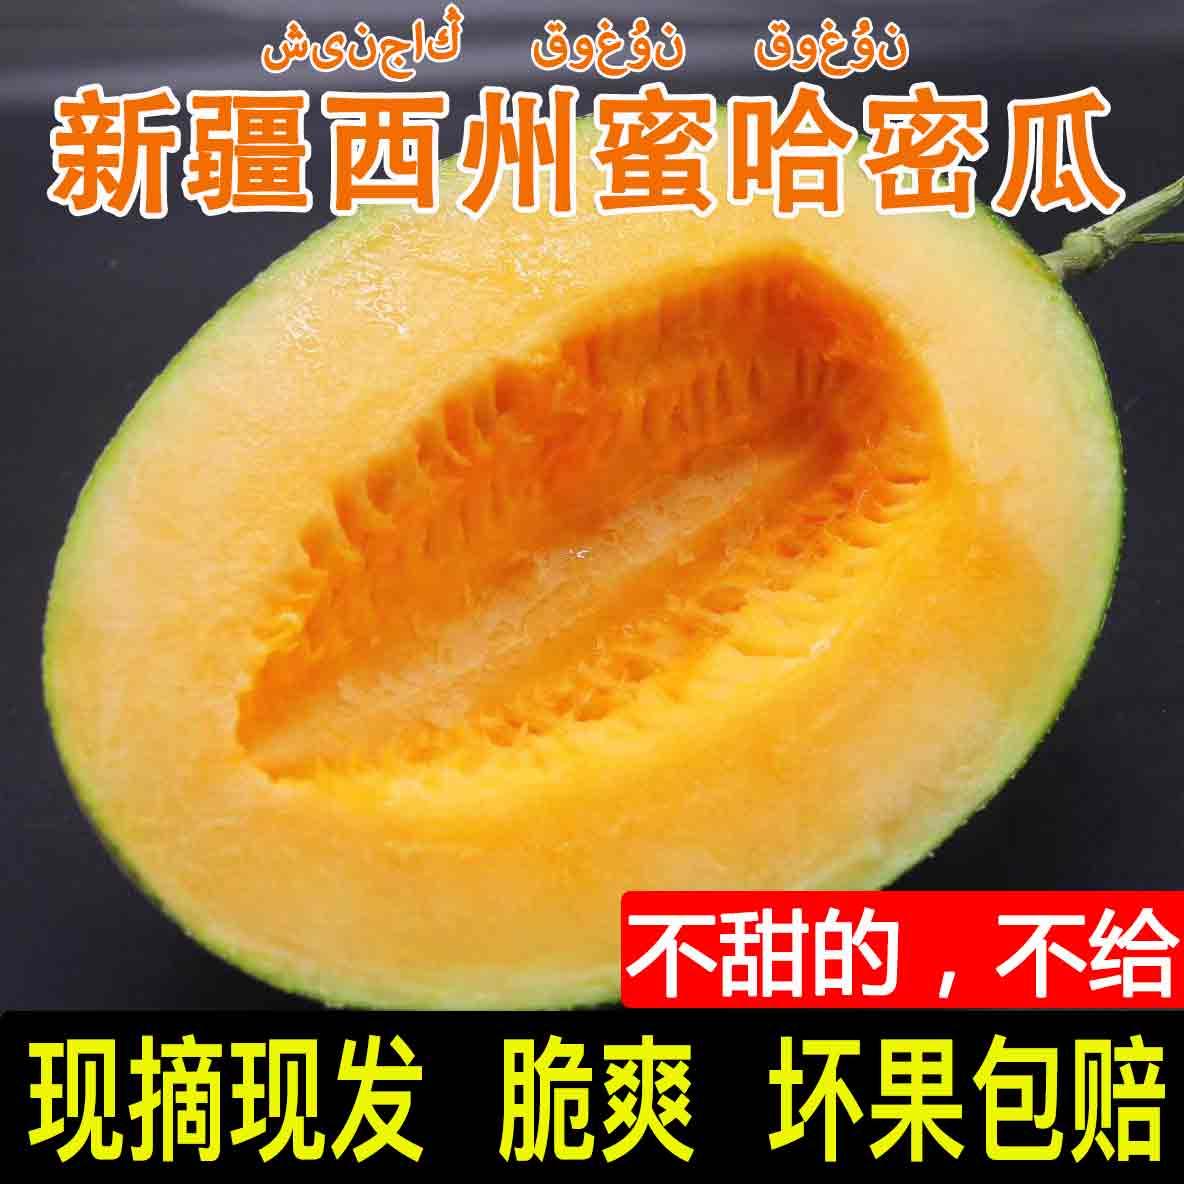 新疆哈密瓜水果新鲜包邮西州蜜25号甜瓜香瓜哈密瓜新鲜一箱特级限5000张券